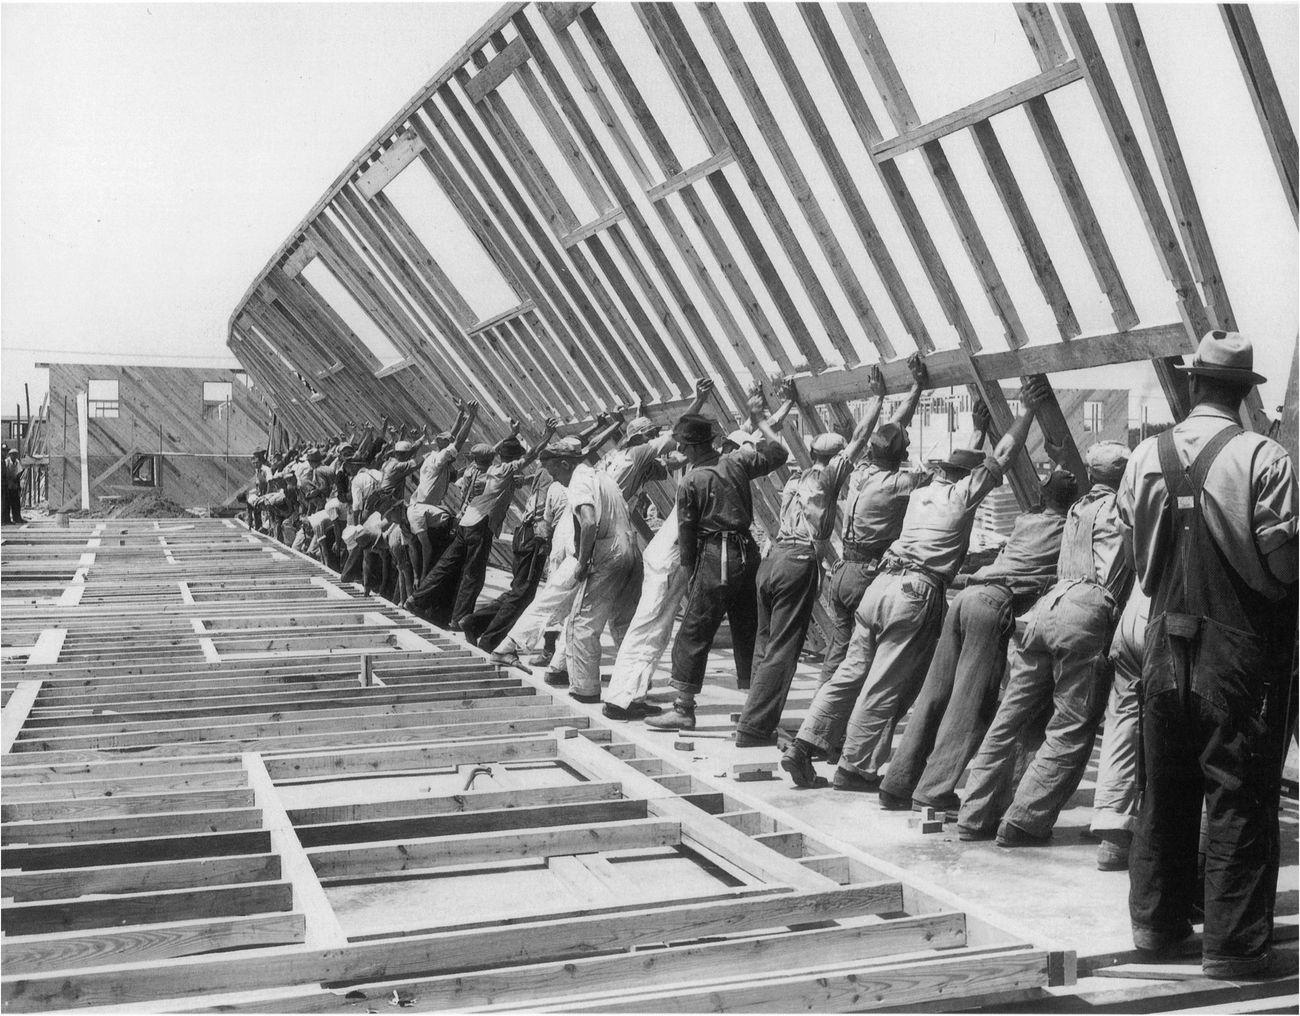 Al Palmer, War housing in Erie, Pennsylvania, 1941. Courtesy Library of Congress